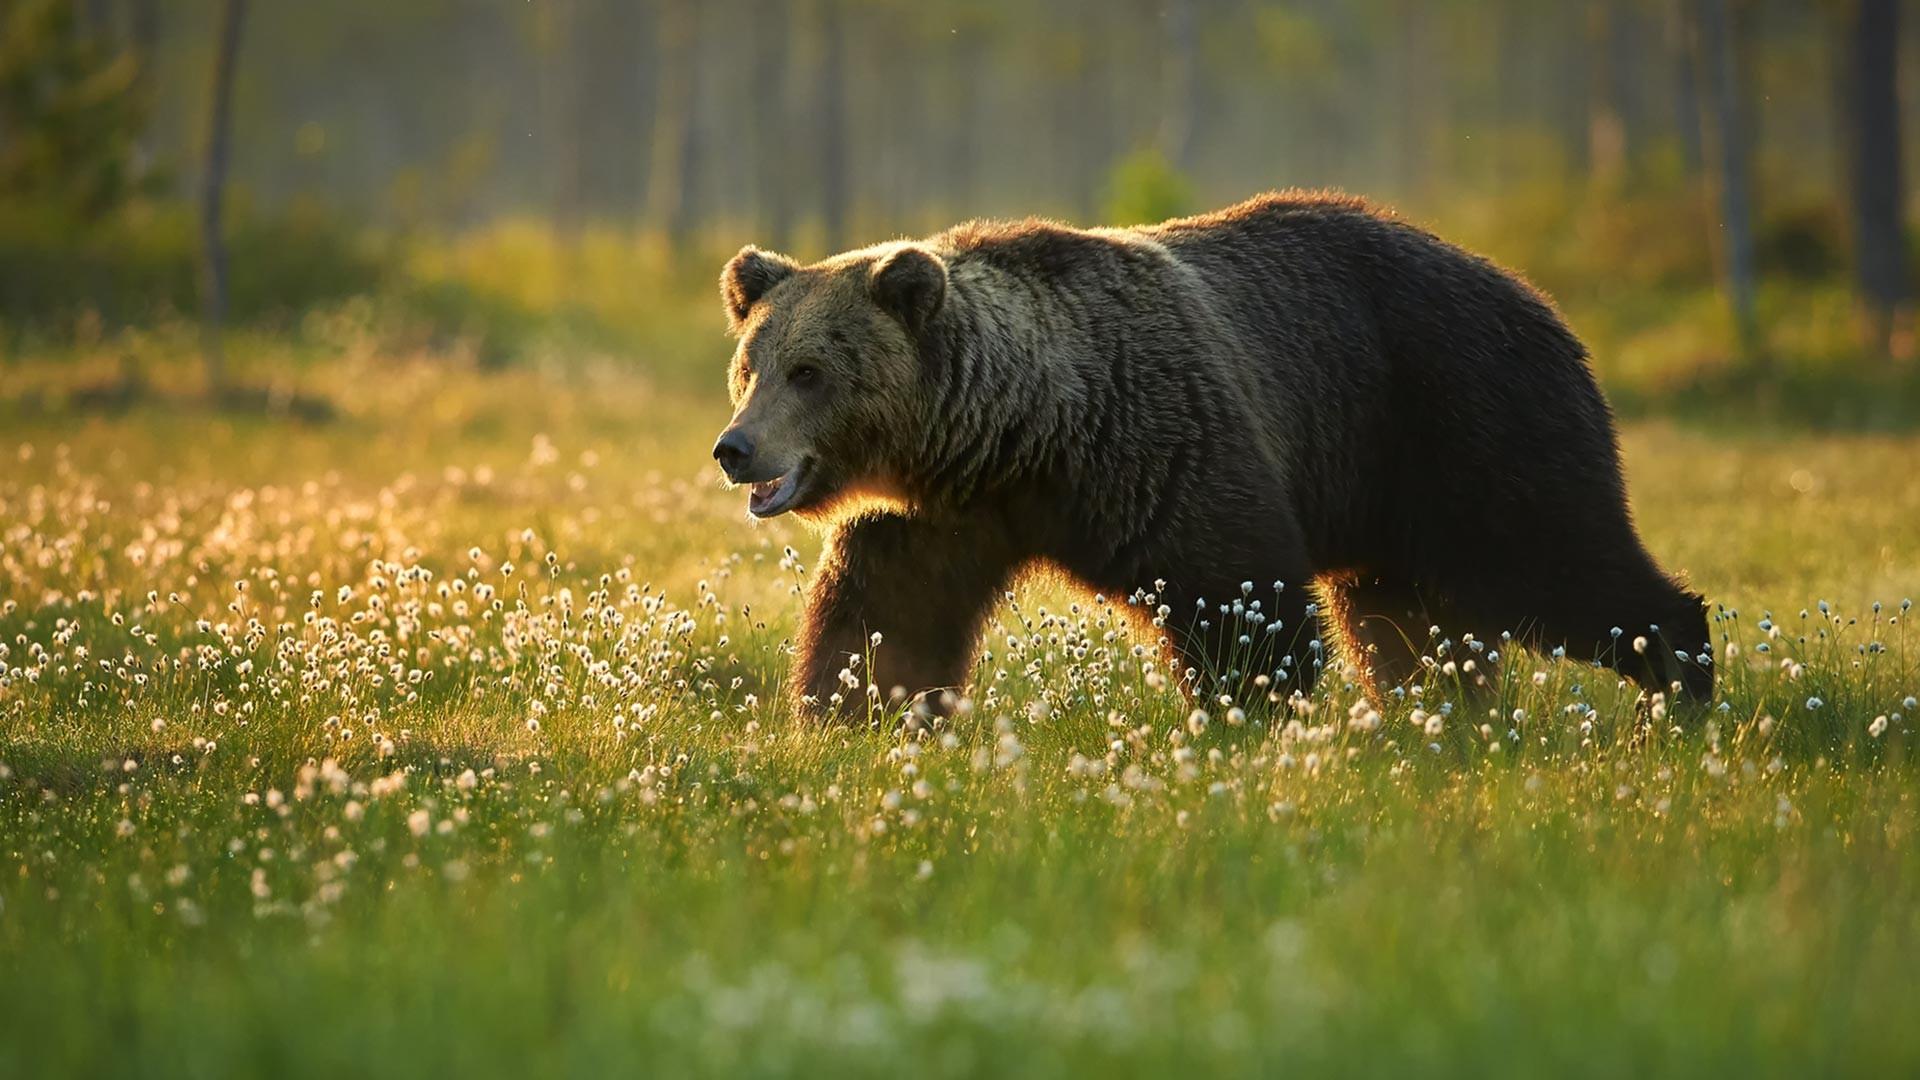 Ein junger Braunbär in freier Wildbahn.